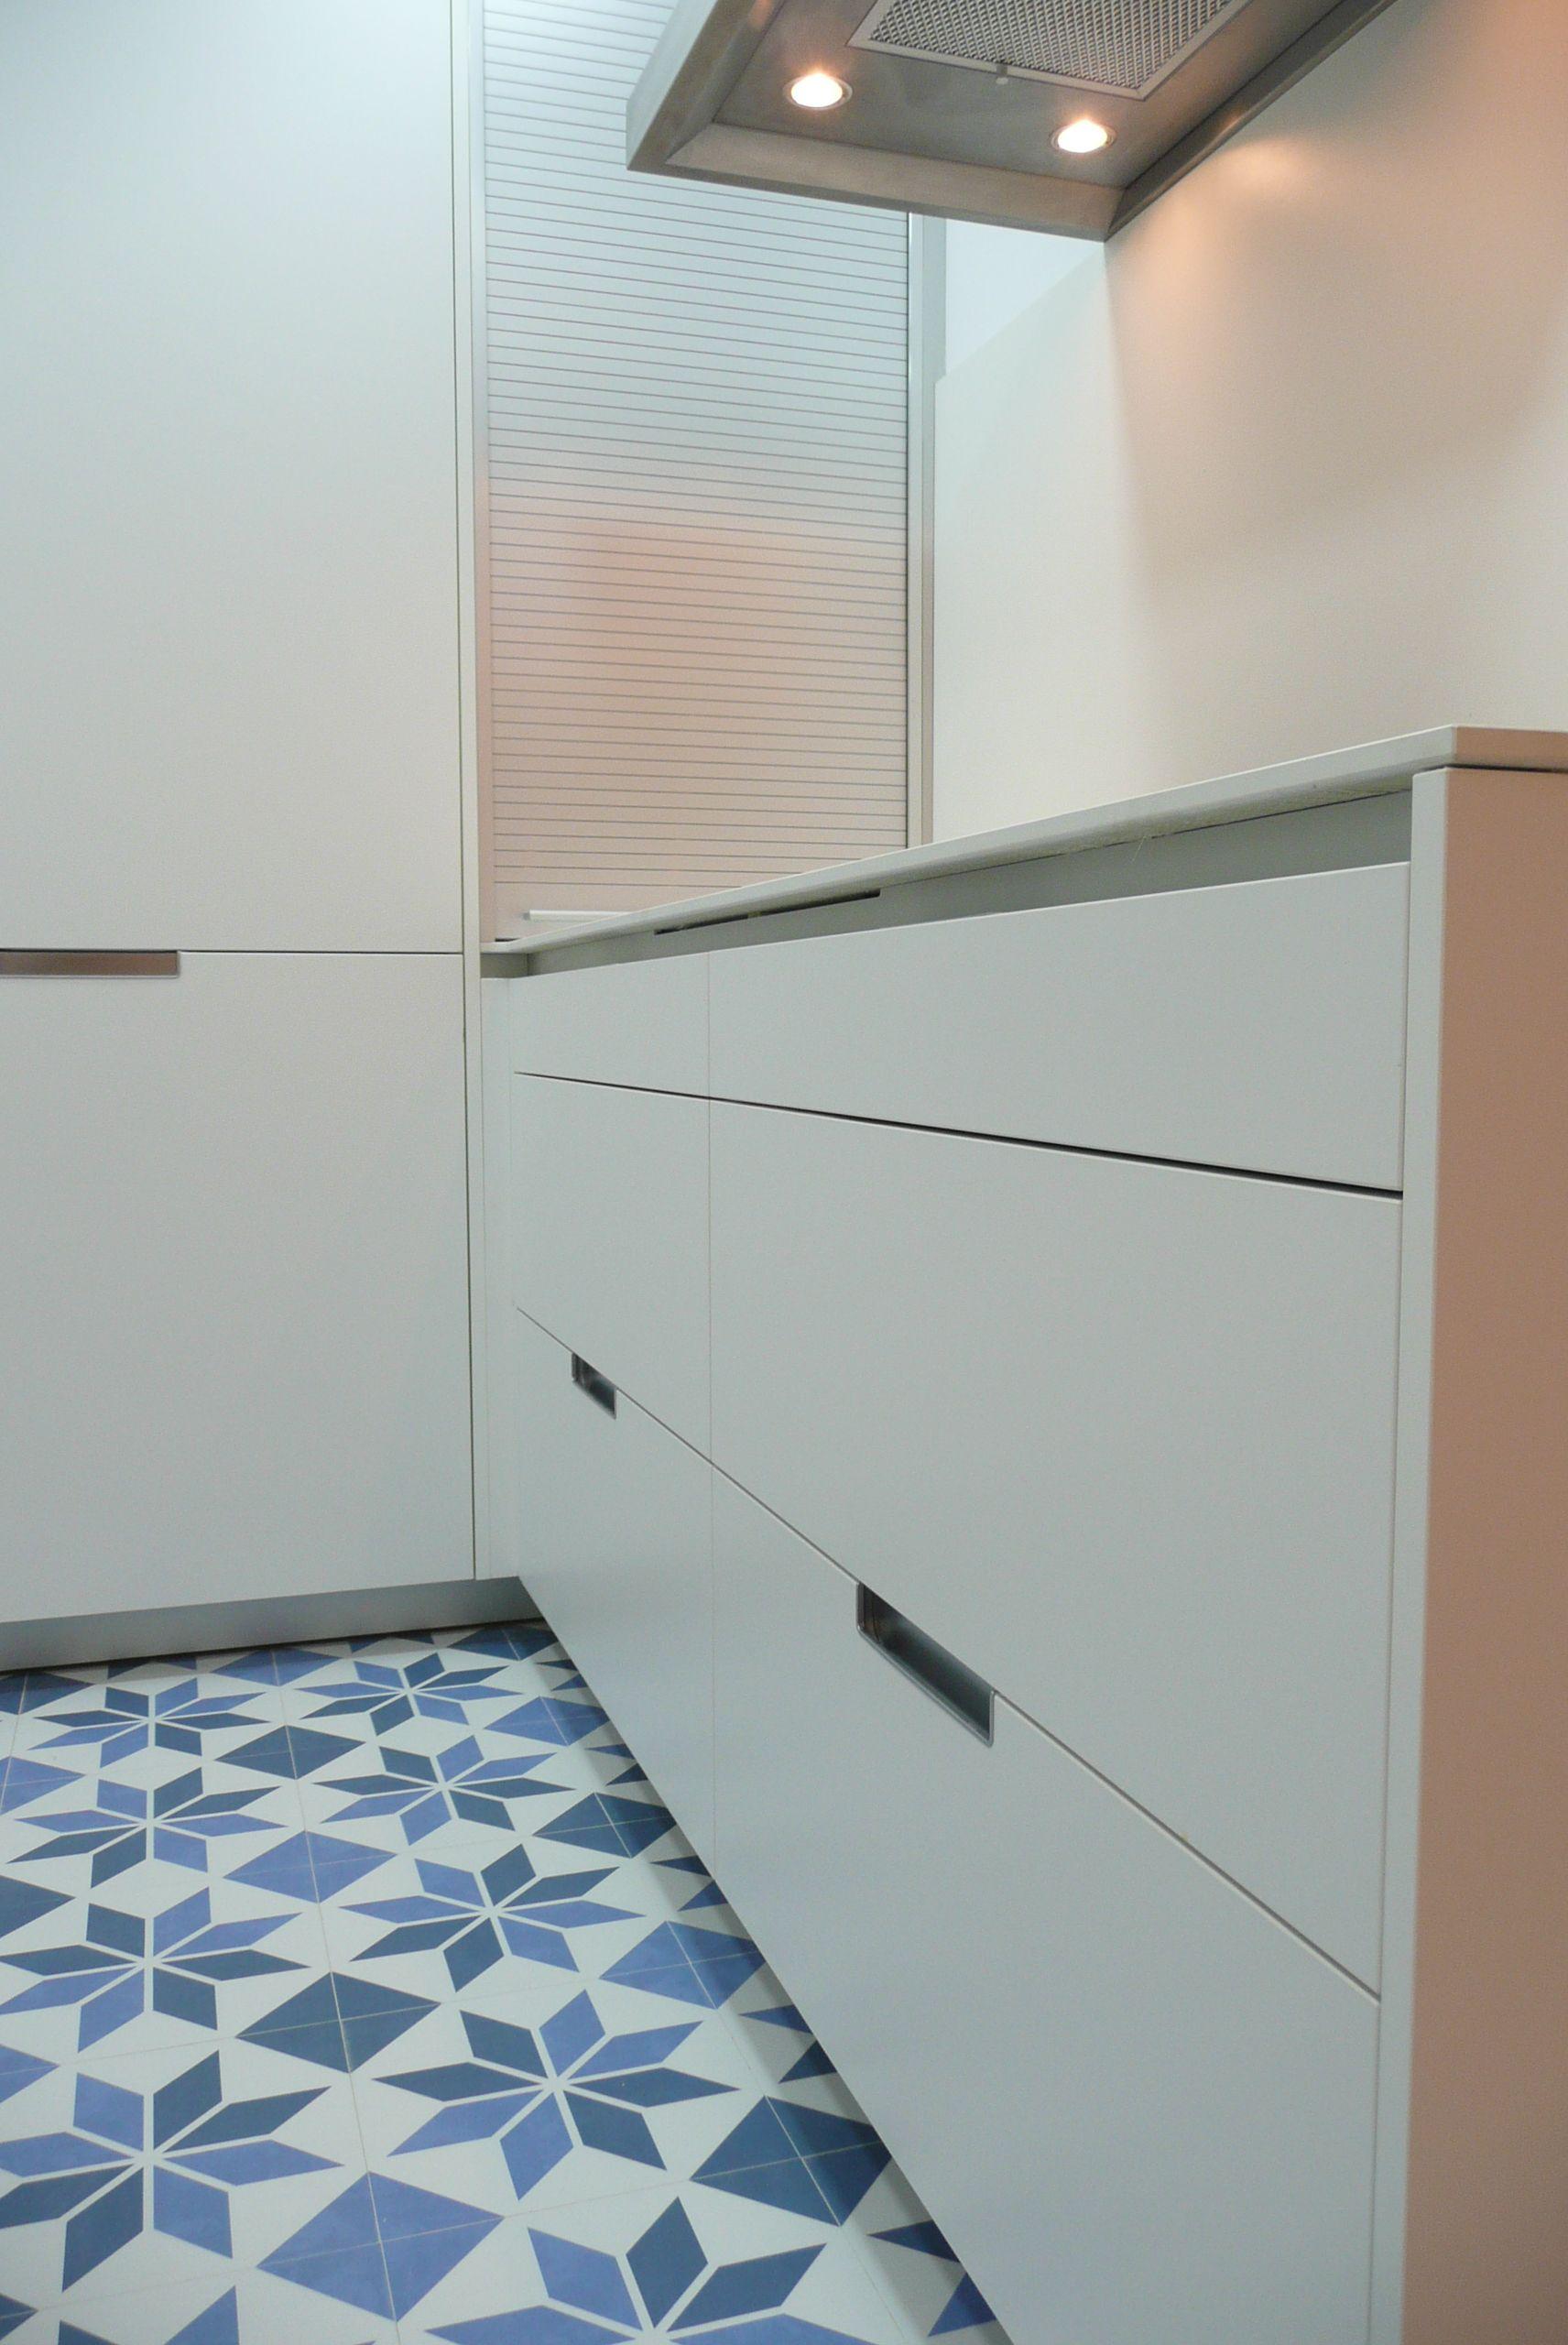 Cocina santos cajoneras de 90cm con 3 gavetas serie minos - Cajoneras de cocina ...